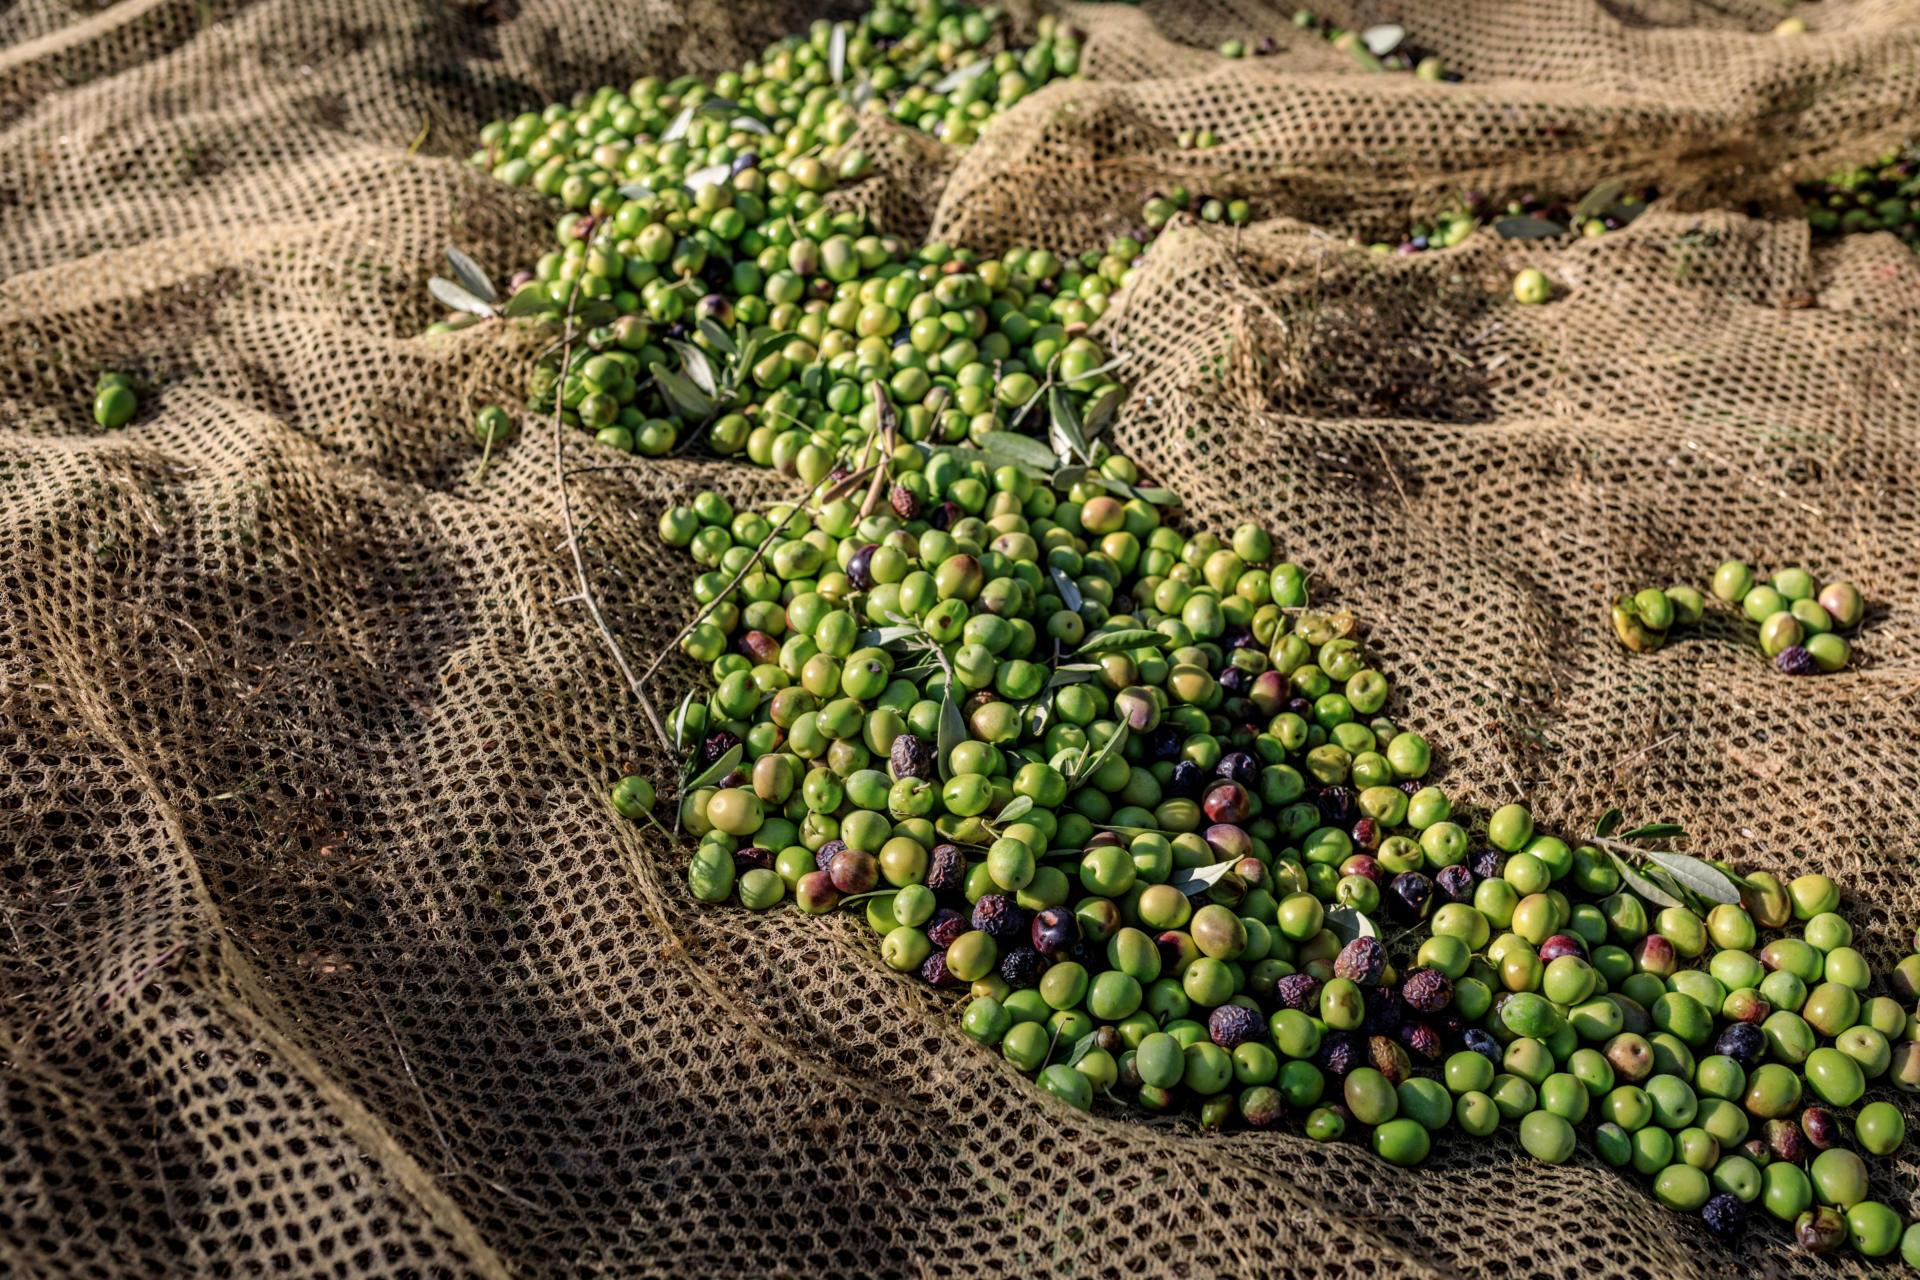 Je grüner die Oliven geerntet werden, desto höher ist ihr Polyphenolgehalt.Foto: © Hetty van Oijen